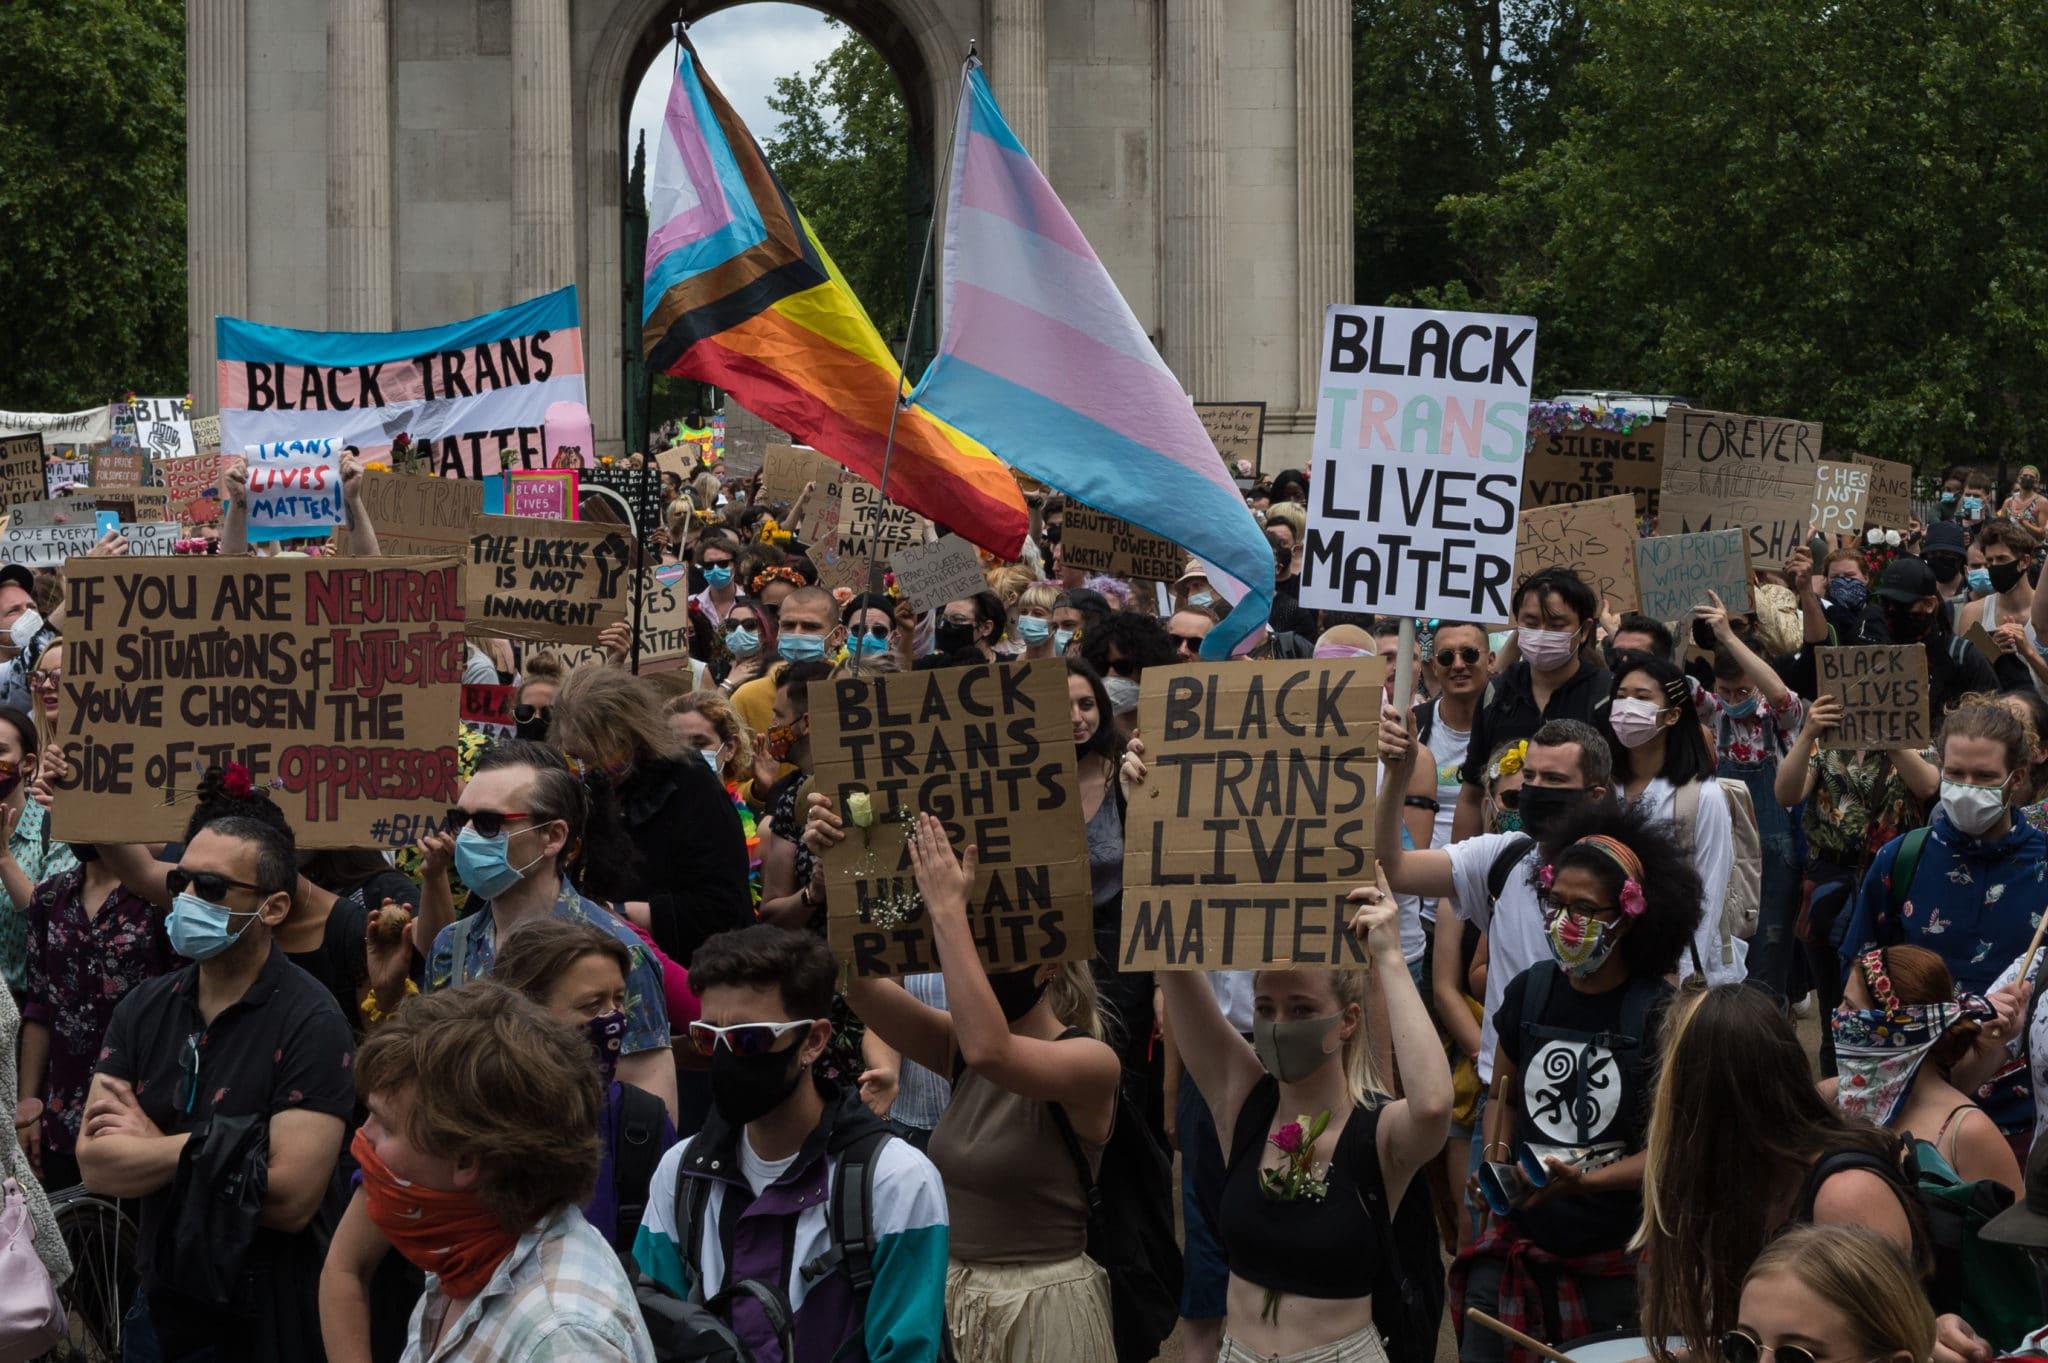 TransActual UK: autonomiser la communauté trans et lutter contre la transphobie